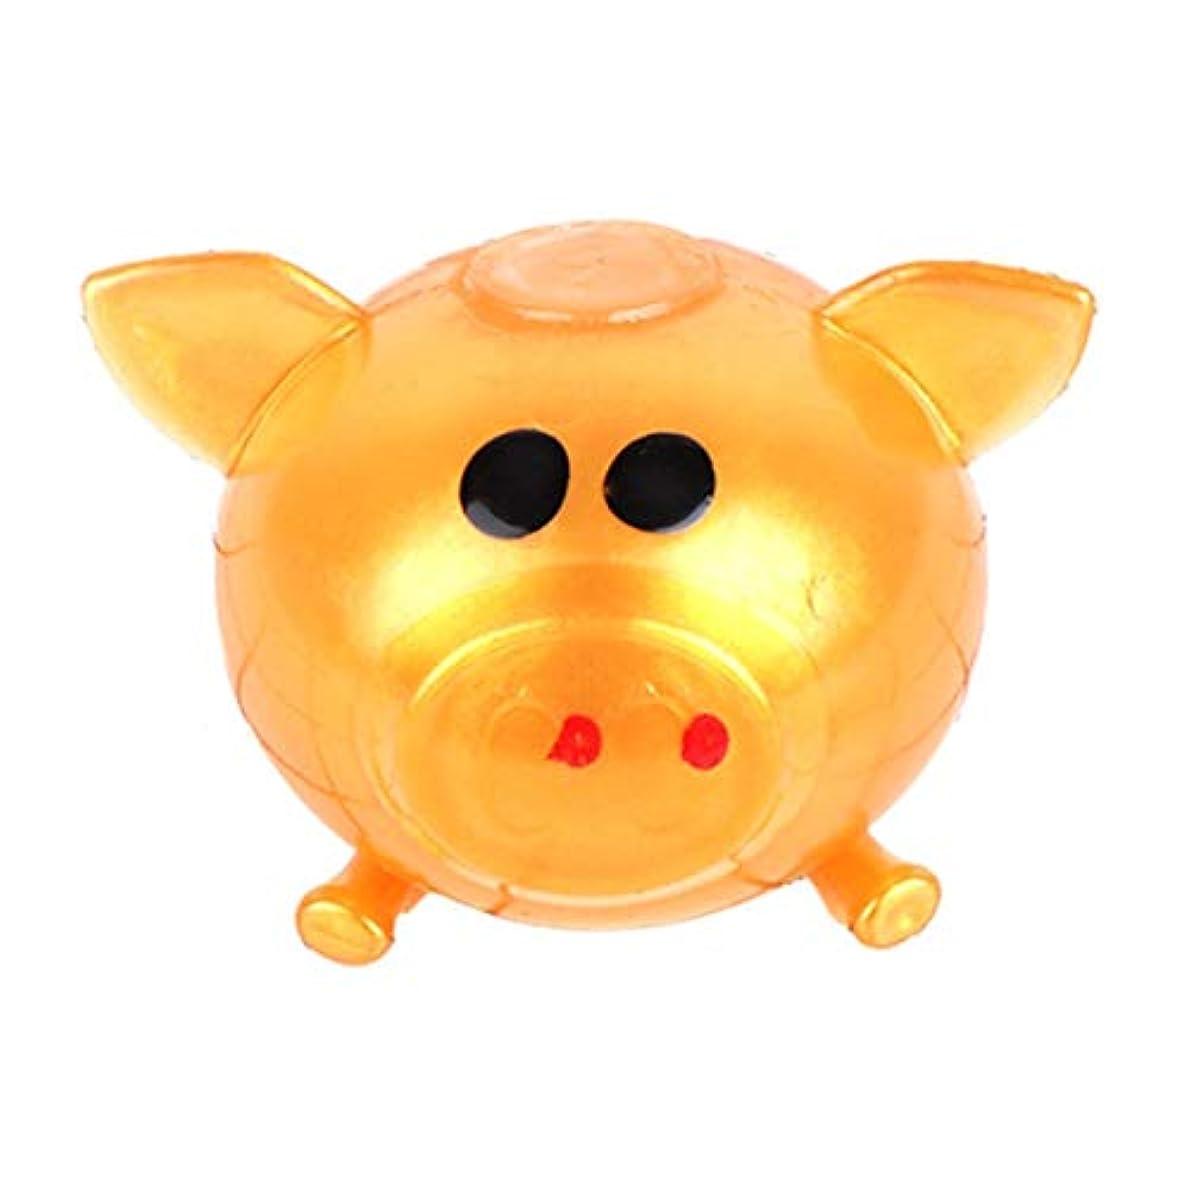 エレガントゴルフ効果的にTinygrass アンチストレスグッズさまざまなタイプの豚のおもちゃ減圧スプラットボールベントグッズベントボール粘着性スマッシュウォーターボール(色:ゴールド)